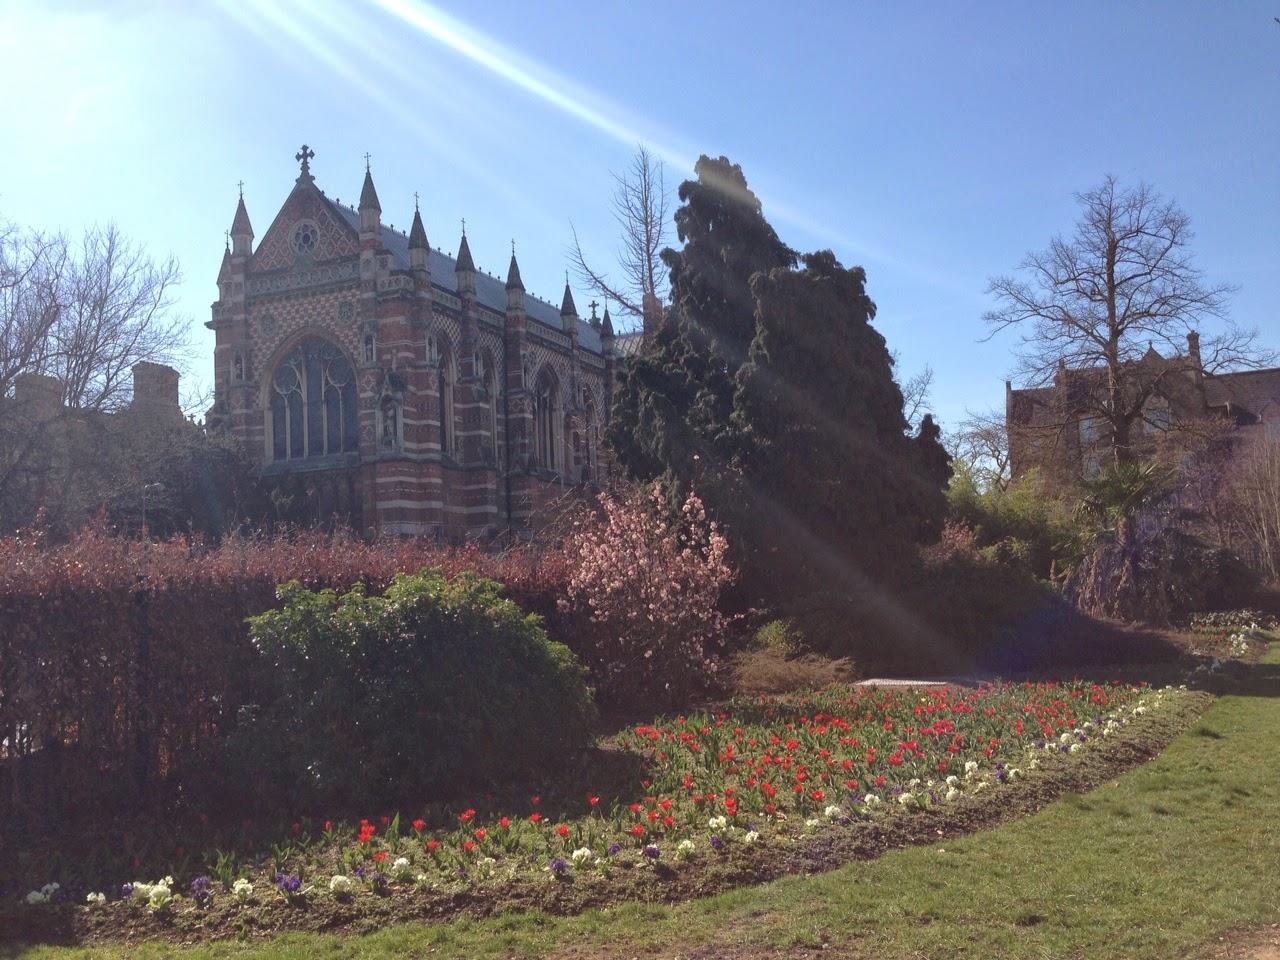 Oxford University Parks